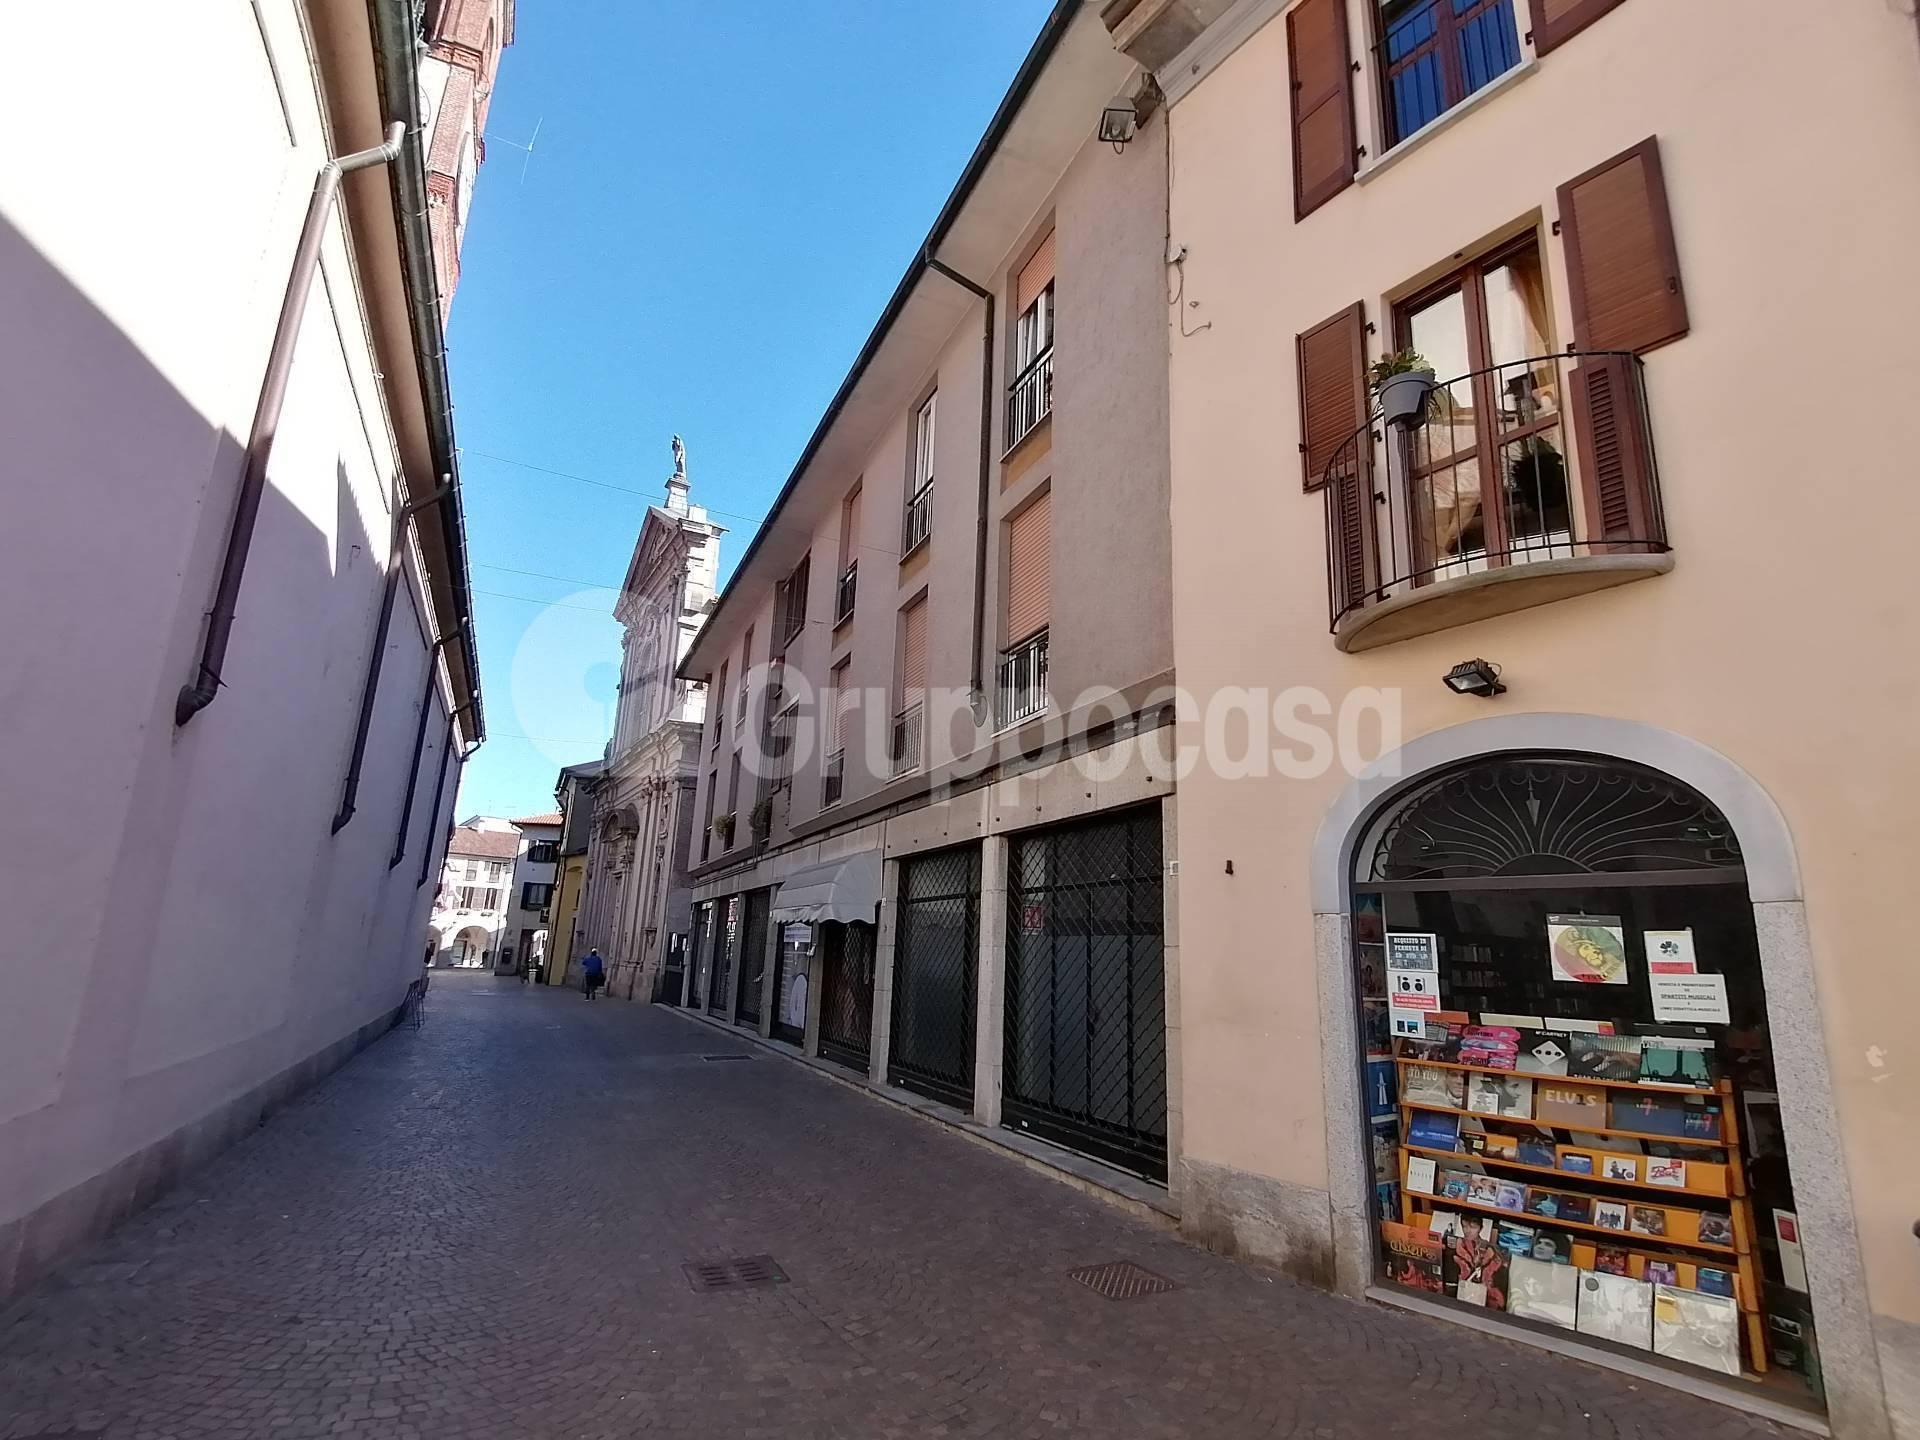 Appartamento in vendita a Abbiategrasso, 2 locali, zona adina, prezzo € 135.000 | PortaleAgenzieImmobiliari.it